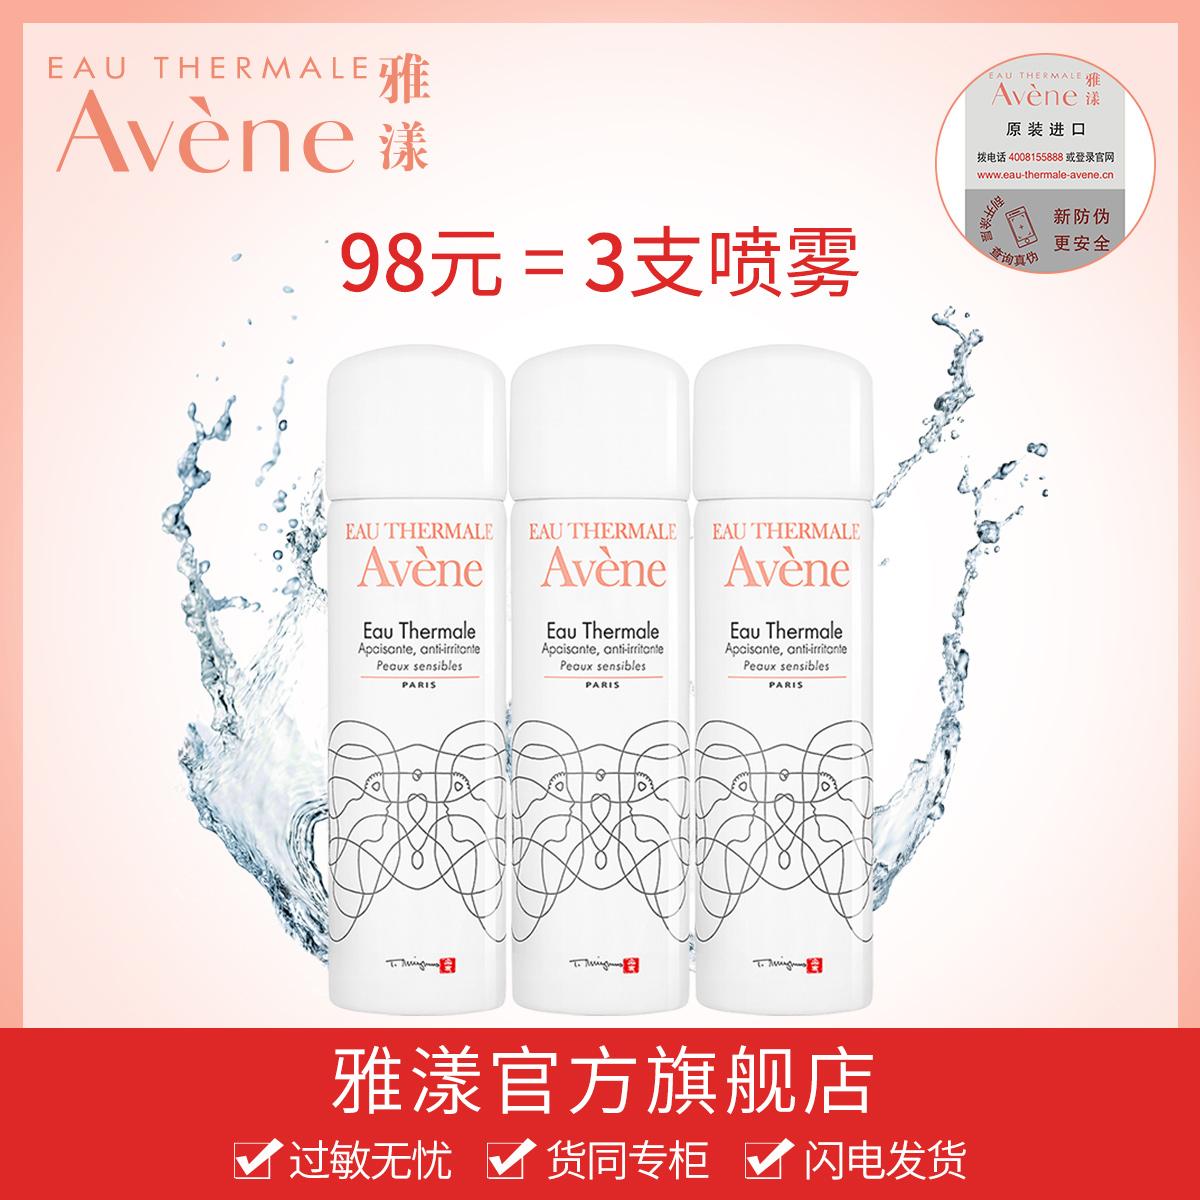 雅漾喷雾 舒护活泉50ml*3舒缓喷雾 定妆化妆水 补水保湿 爽肤水